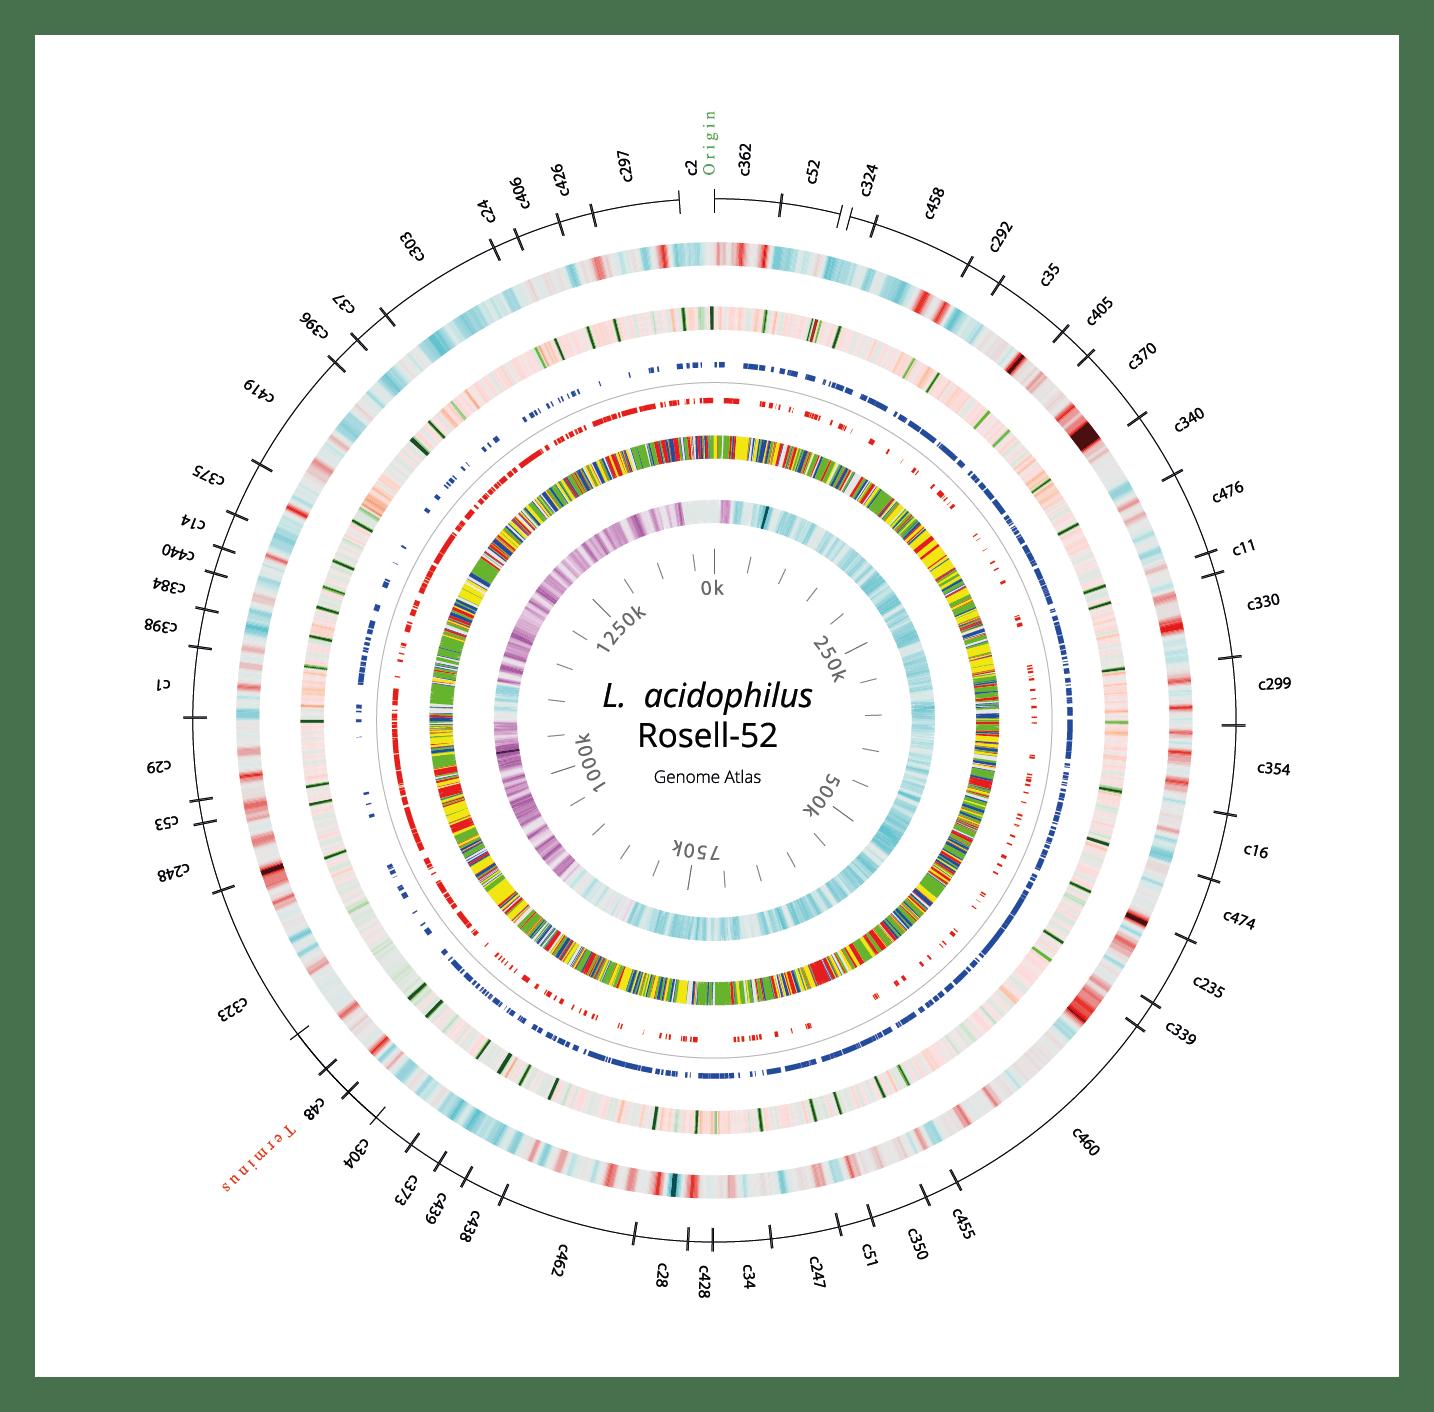 Rosell - 52 genome atlas